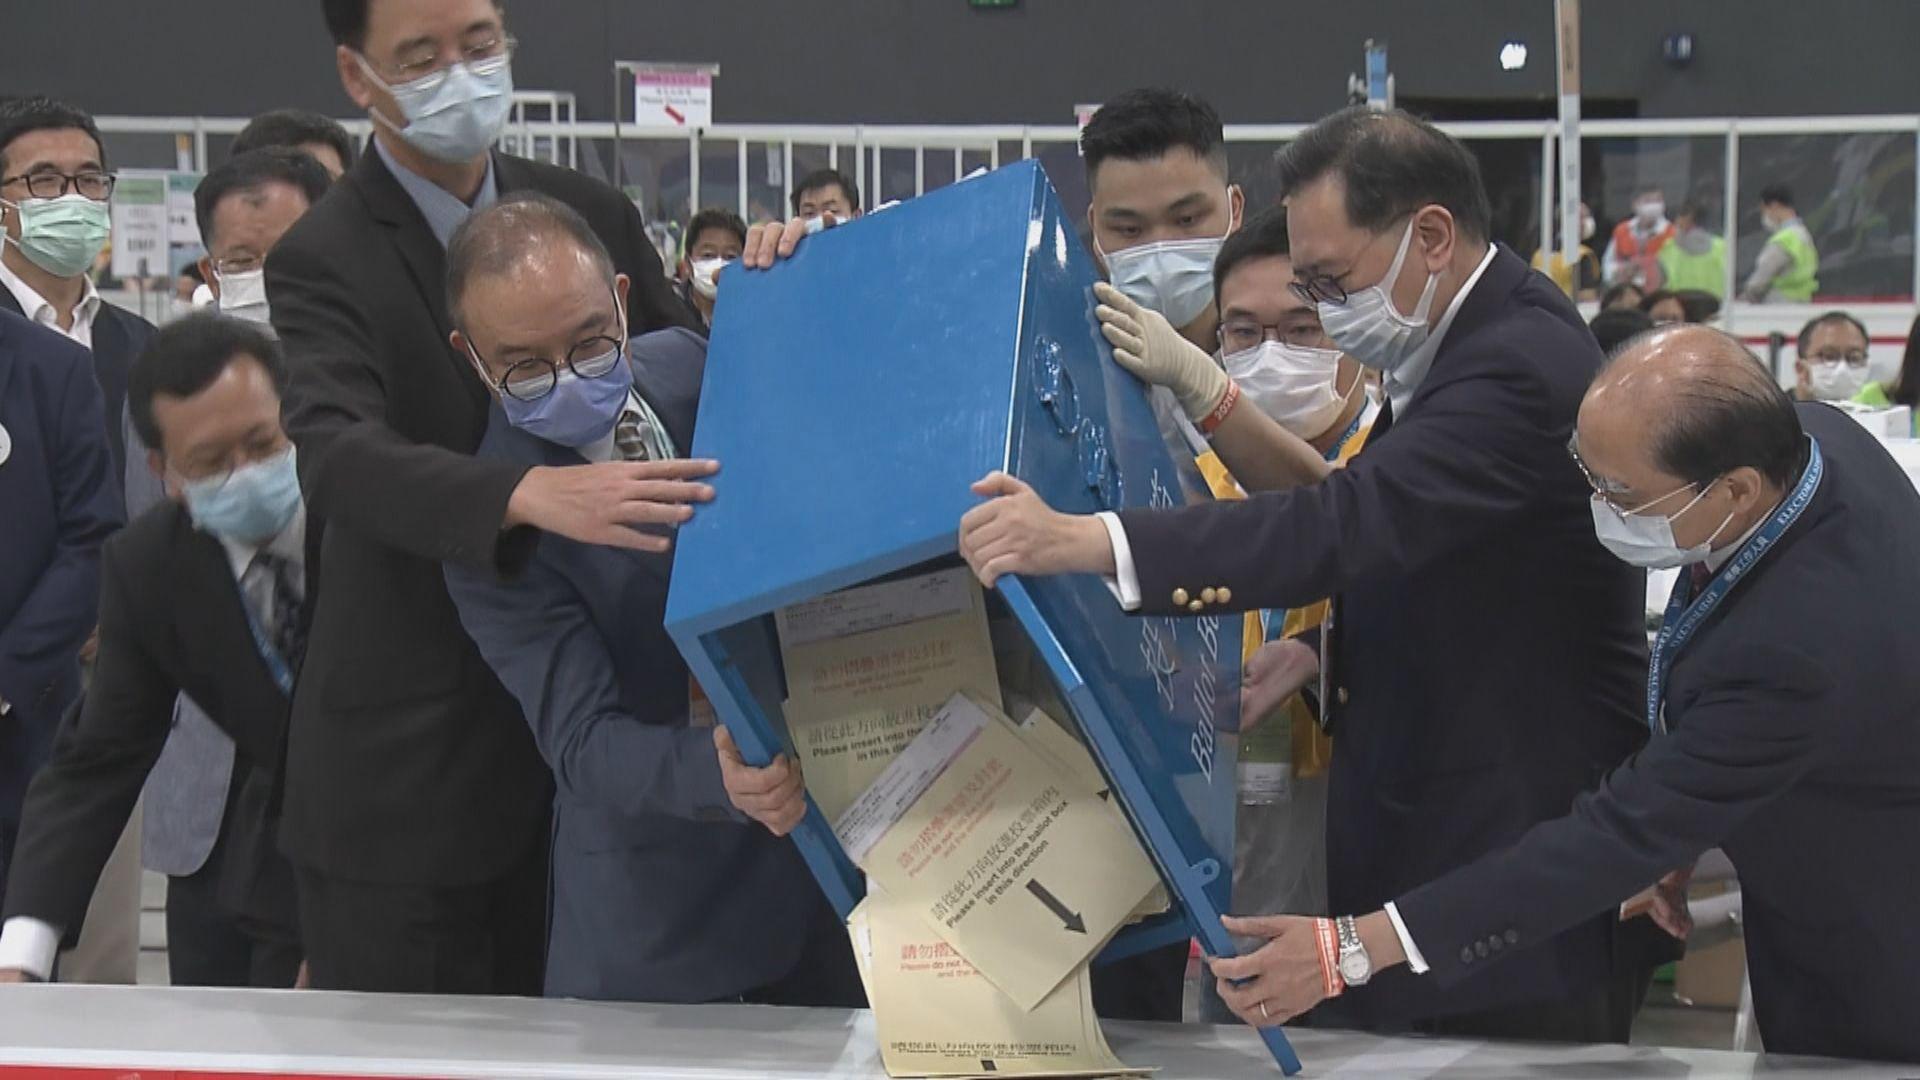 選委會選舉投票結束 馮驊預料午夜完成點票